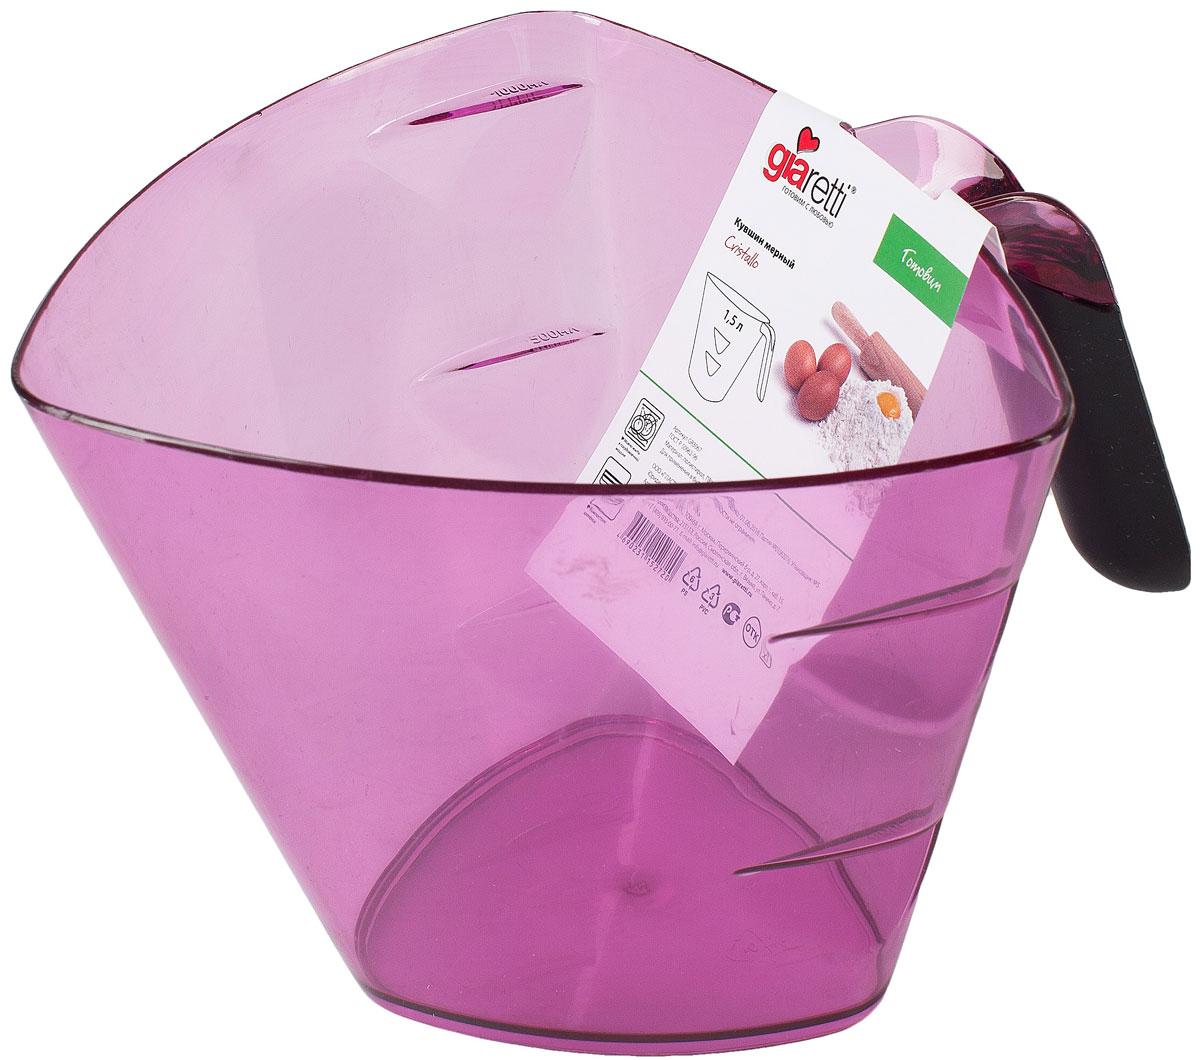 Кувшин мерный Giaretti Cristallo, 1,5 лGR3067МИКСМерный кувшин - необходимая вещь на кухне. Наши кувшины не только практичны и удобны в использовании, но и вдохновляют на кулинарные победы своим ярким цветом и привлекательным дизайном. Преимущества: эргономичная ручка с противоскользящей вставкой, мерная шкала внутри кувшина, 3 литража.